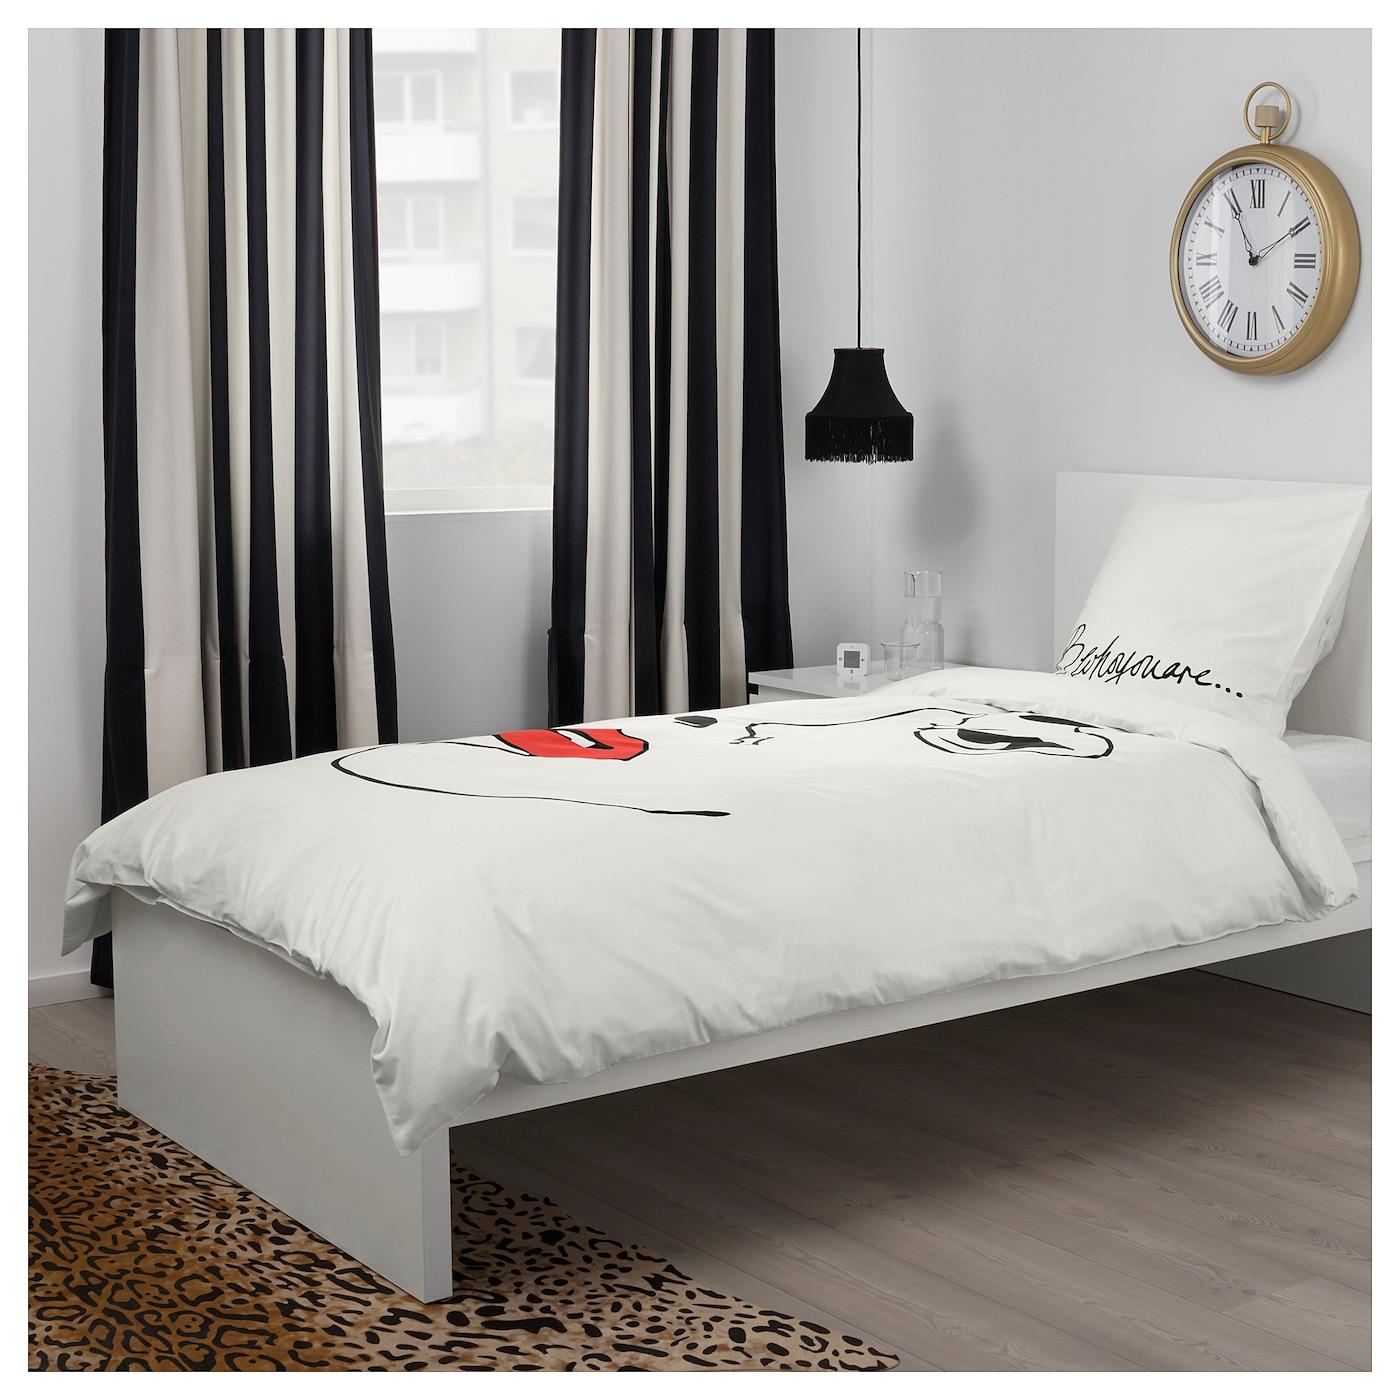 omedelbar housse de couette et taie blanc 150 x 200 50 x 60 cm ikea. Black Bedroom Furniture Sets. Home Design Ideas